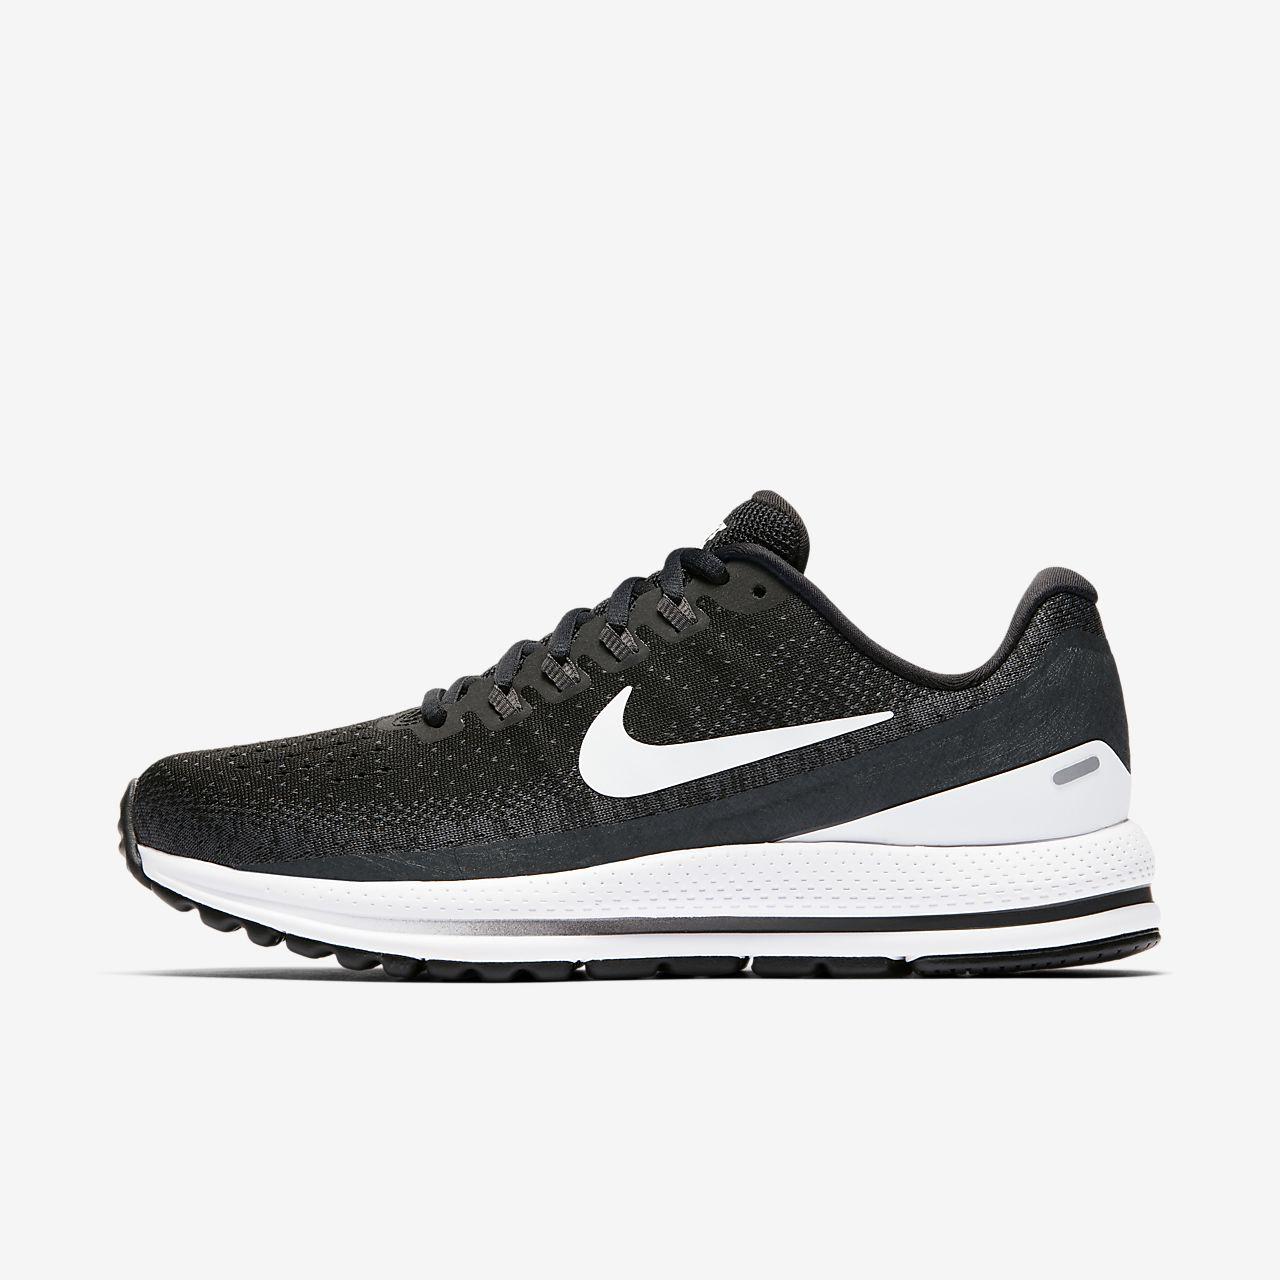 Nike Chaussures Wmns Air Zoom Vomero 13 Originale Sortie Prix Discount Pas Cher Authentique La Sortie Meilleure Gros 2018 Nouvelle Ligne Garde La Moins Chère A7985